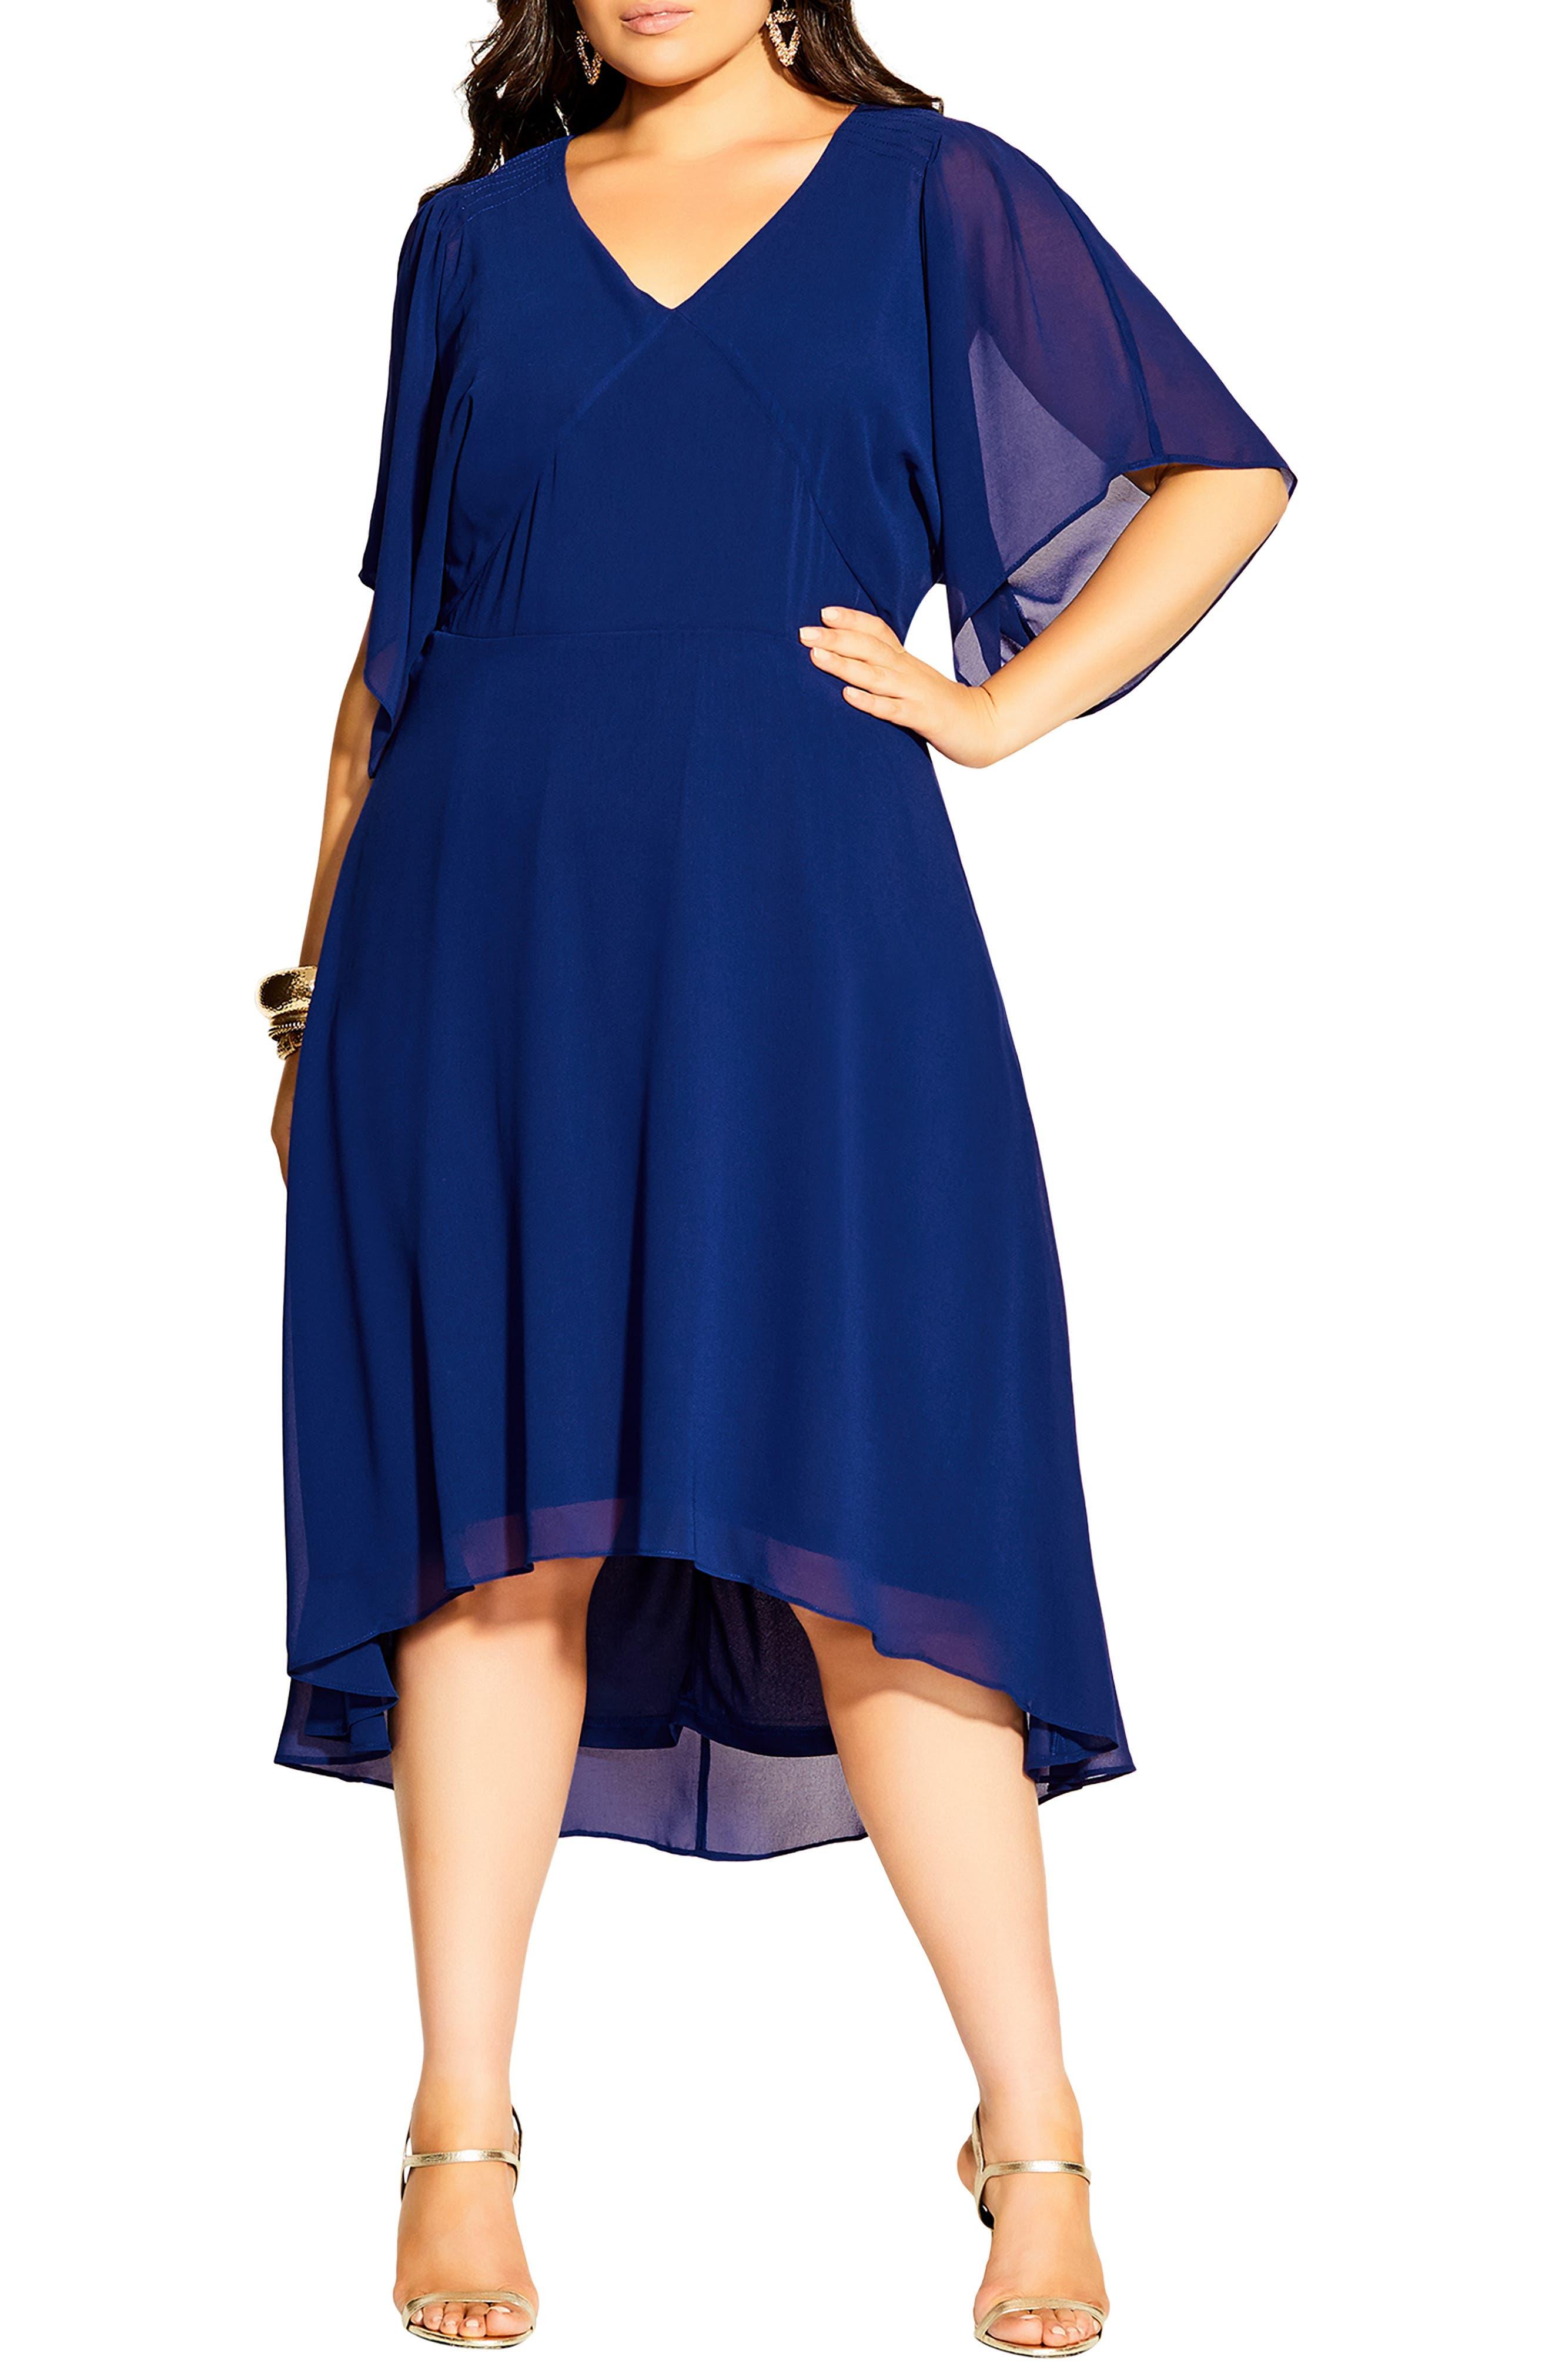 1920s Plus Size Flapper Dresses, Gatsby Dresses, Flapper Costumes Plus Size Womens City Chic Adore Midi Dress $59.50 AT vintagedancer.com